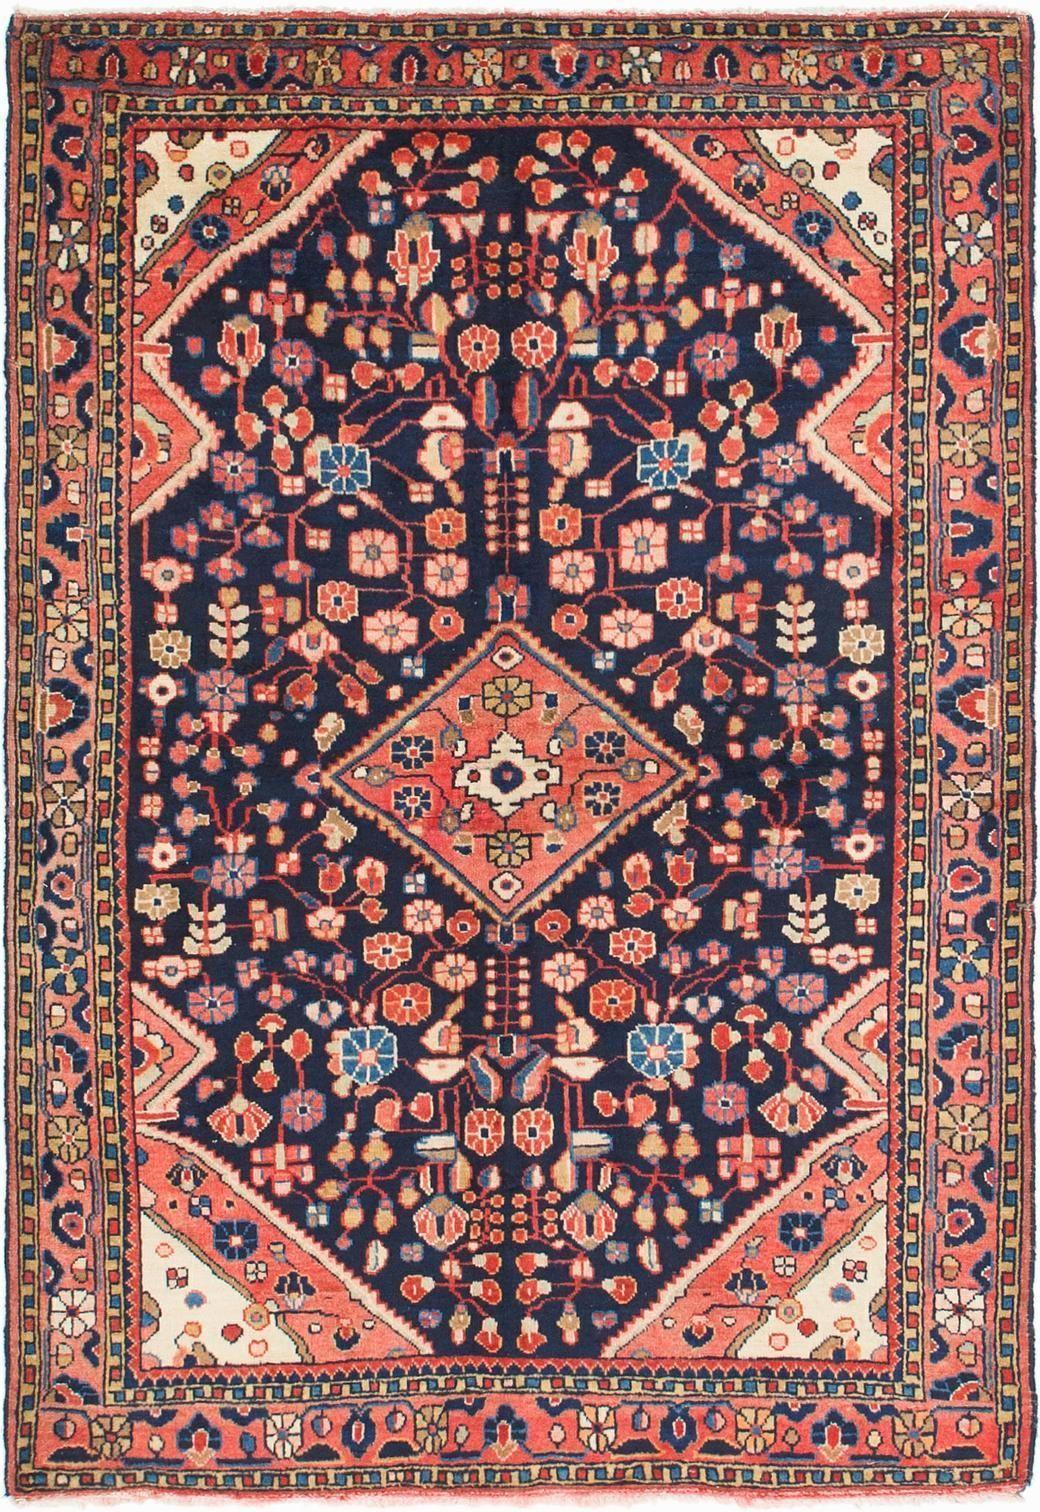 Navy Blue 3 10 X 5 7 Farahan Persian Rug Persian Rugs Esalerugs With Images Rugs Persian Rug Persian